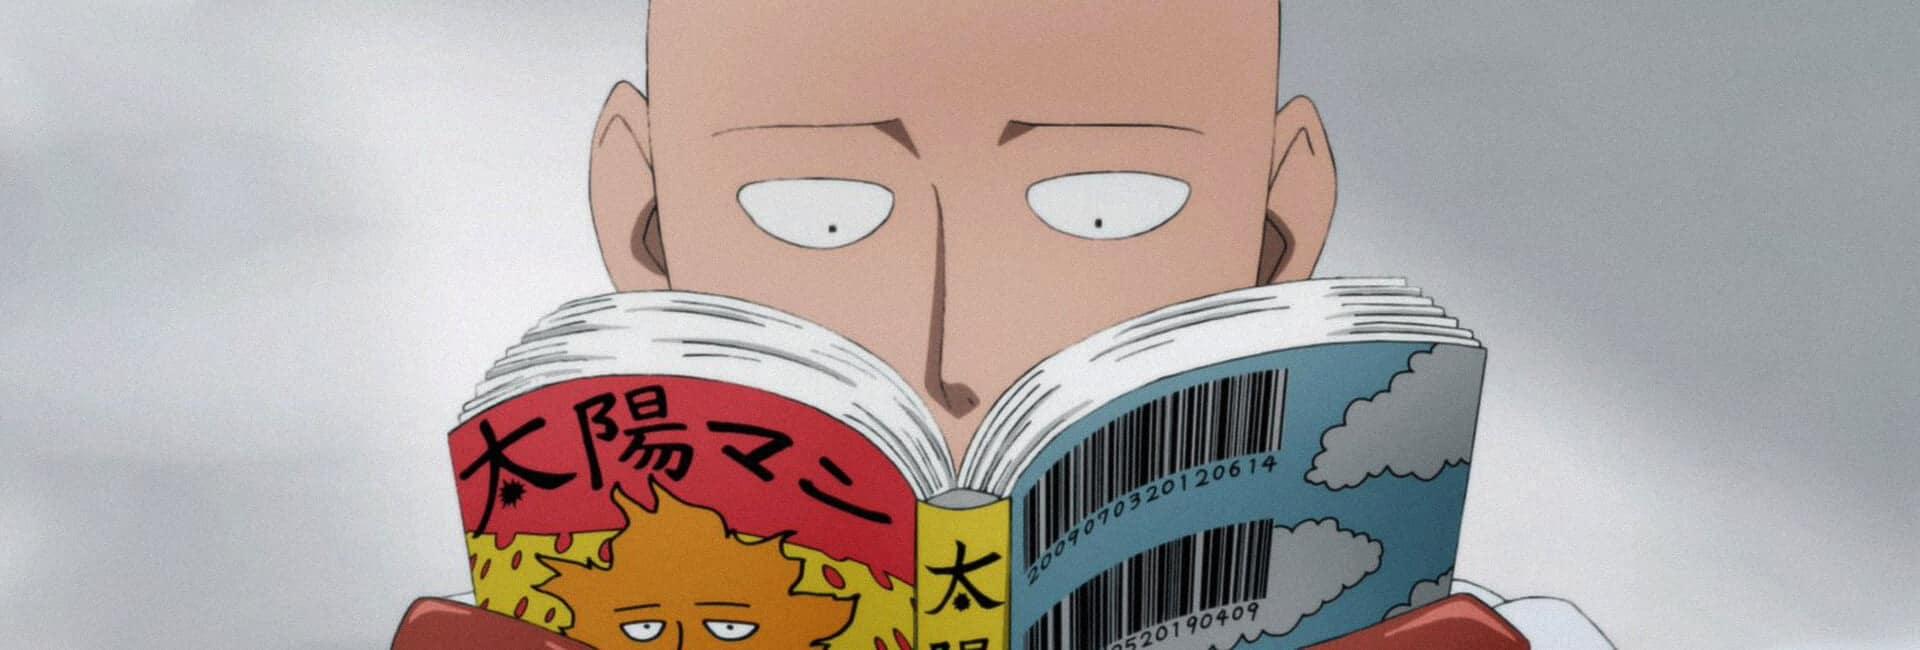 o que é mangá com saitama de one punch man lendo um mangá no centro da imagem